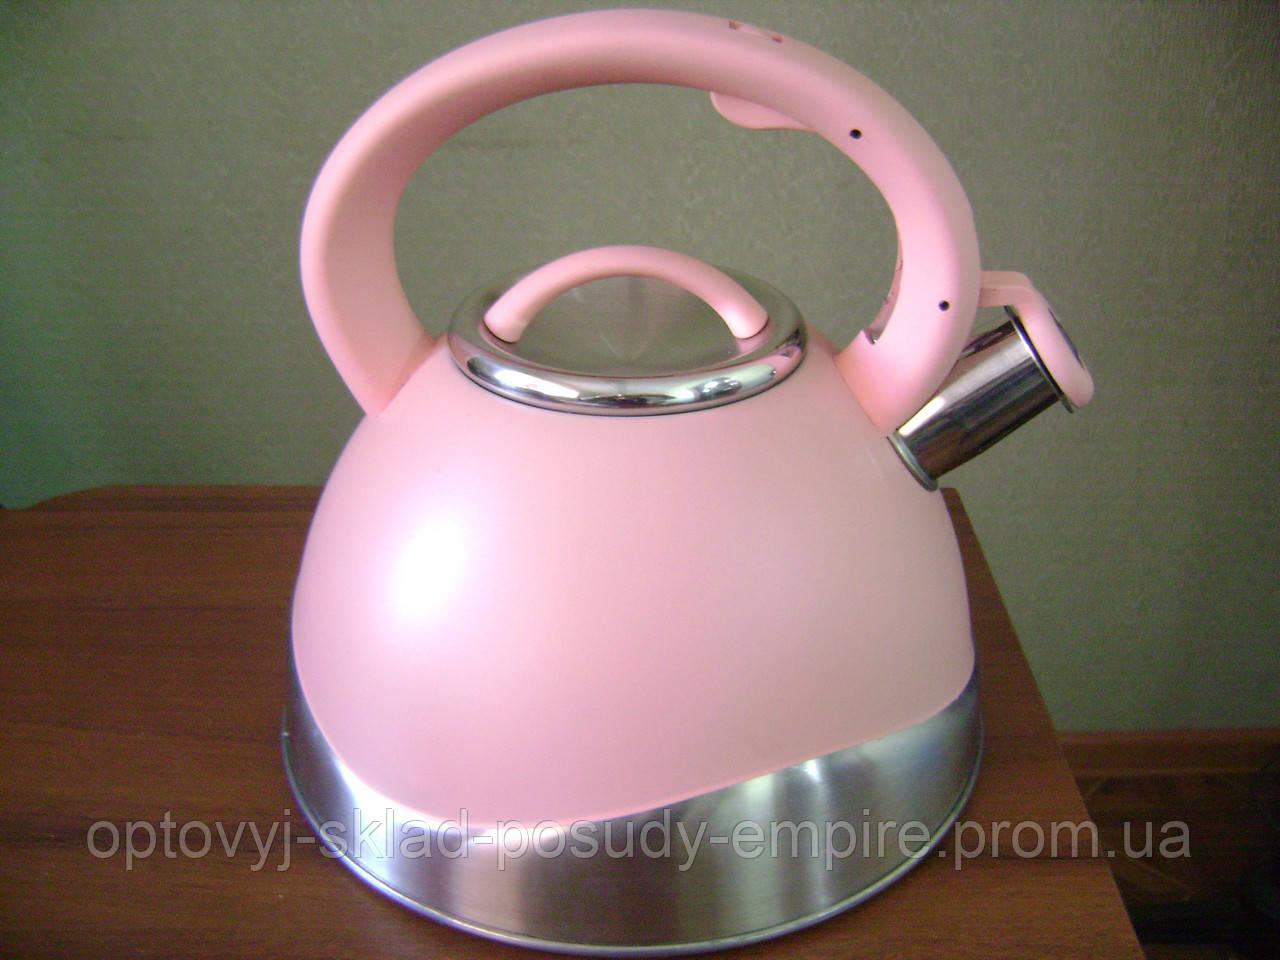 """Чайник зі свистком 3л для індукції рожевий з нержавіючої сталі """"А-плюс"""" WK 1379"""